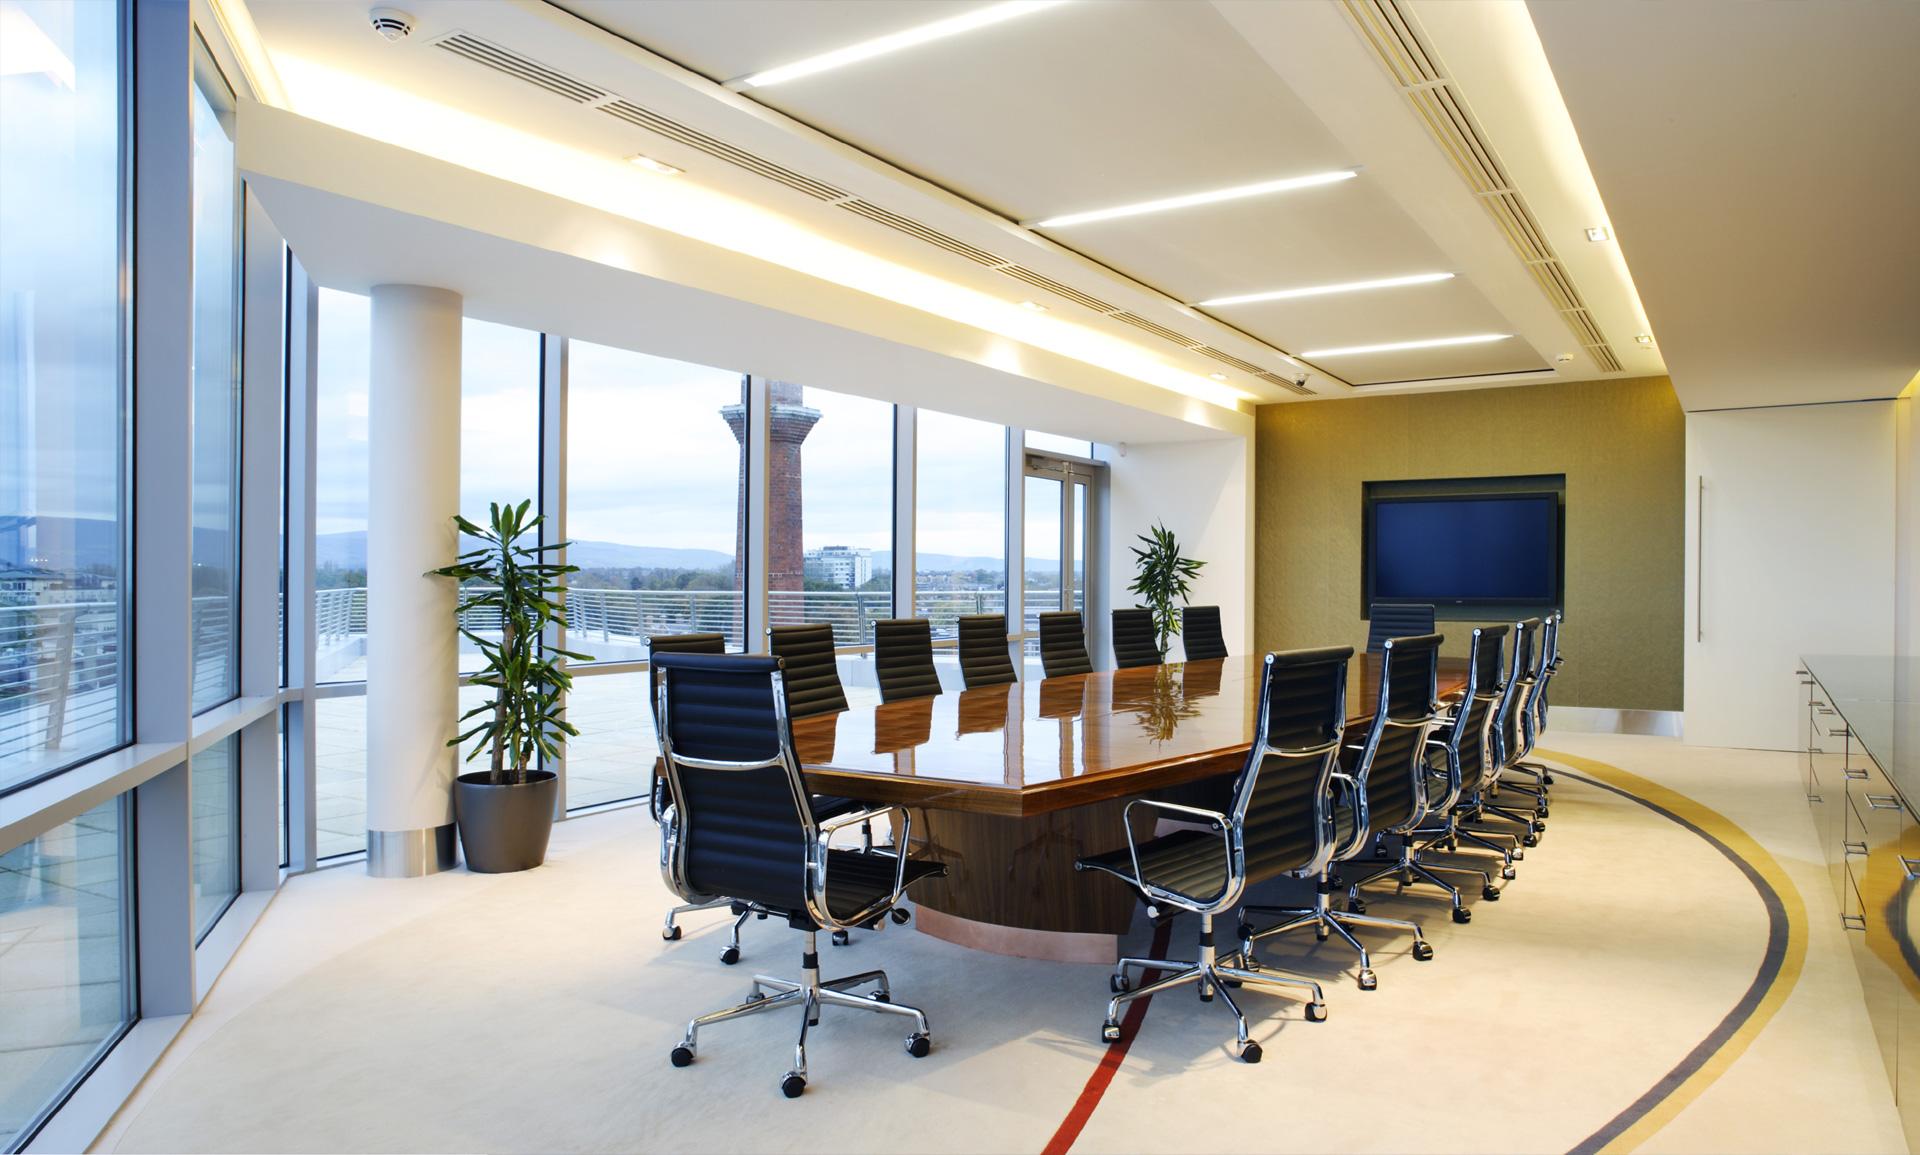 Superb Corporate Interior Solutions